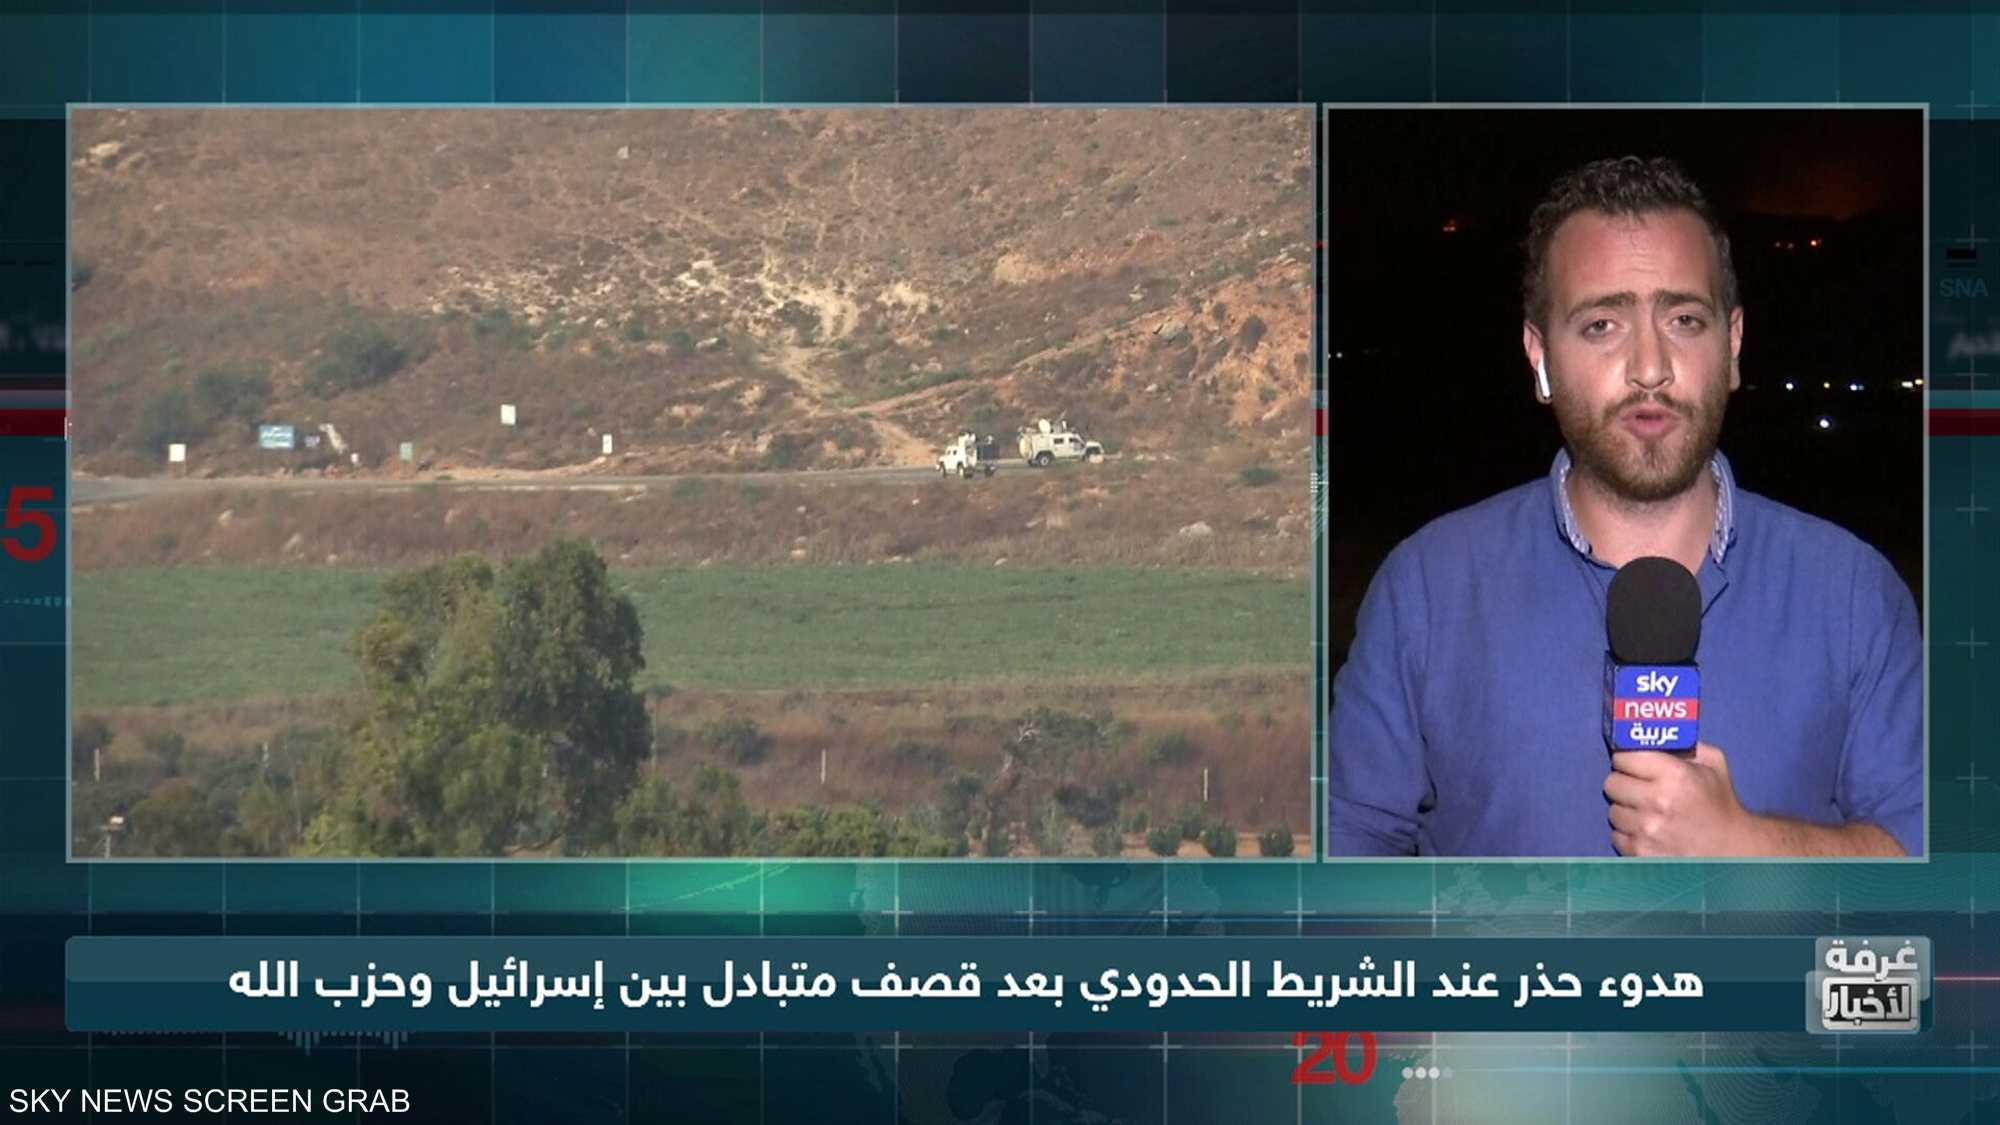 لبنان وإسرائيل.. هل تتسع دائرة الحرب؟